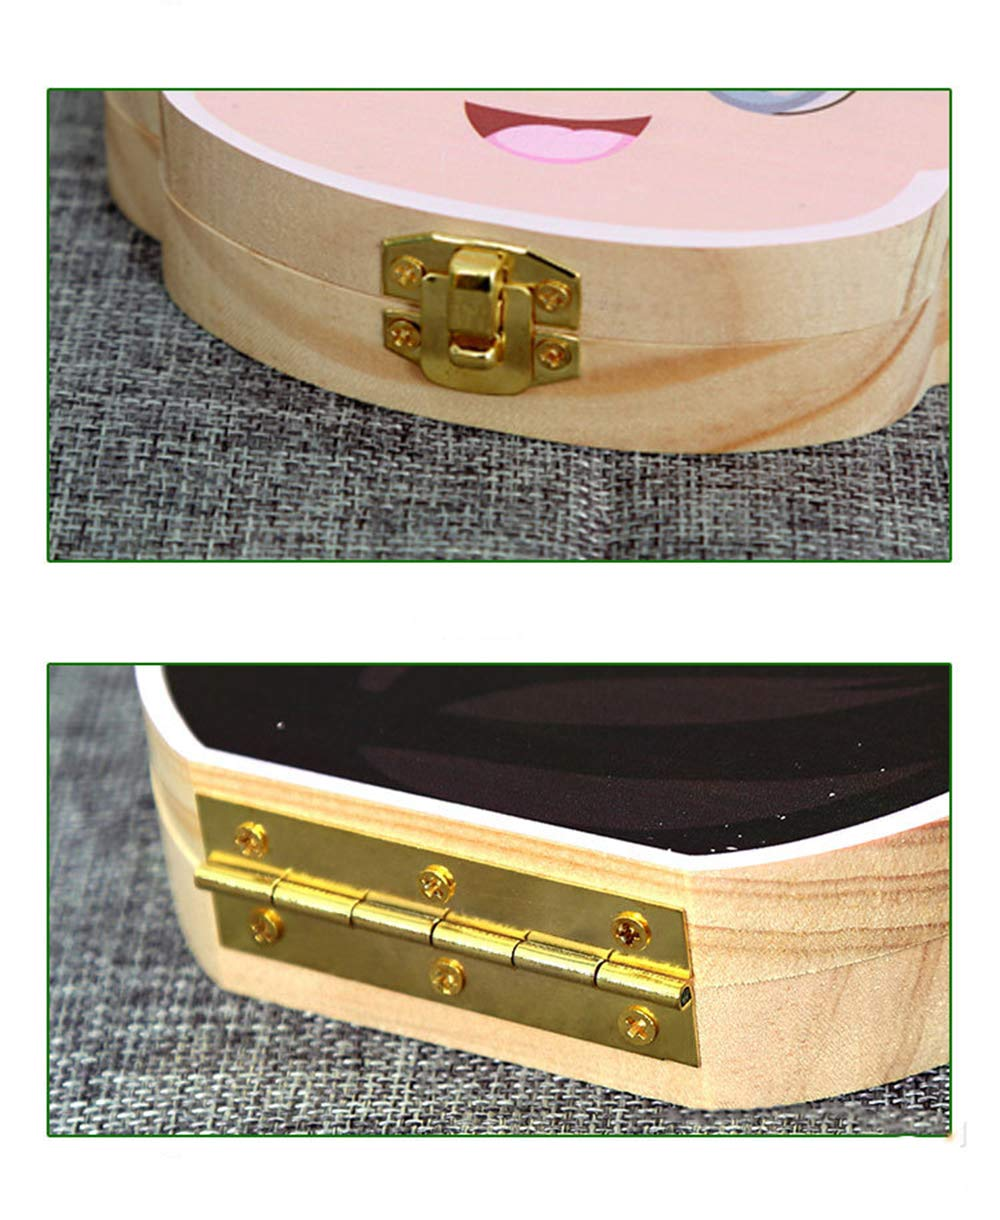 Das M/ädchen Milchzahnbox//Nabelschnur//Lanugo Aufbewahrungsboxen Geschenk Sets f/ür Babys Jungen M/ädchen Souvenir Box JUNSHUO Milchzahndose Milchz/ähne Box aus Holz Kinder